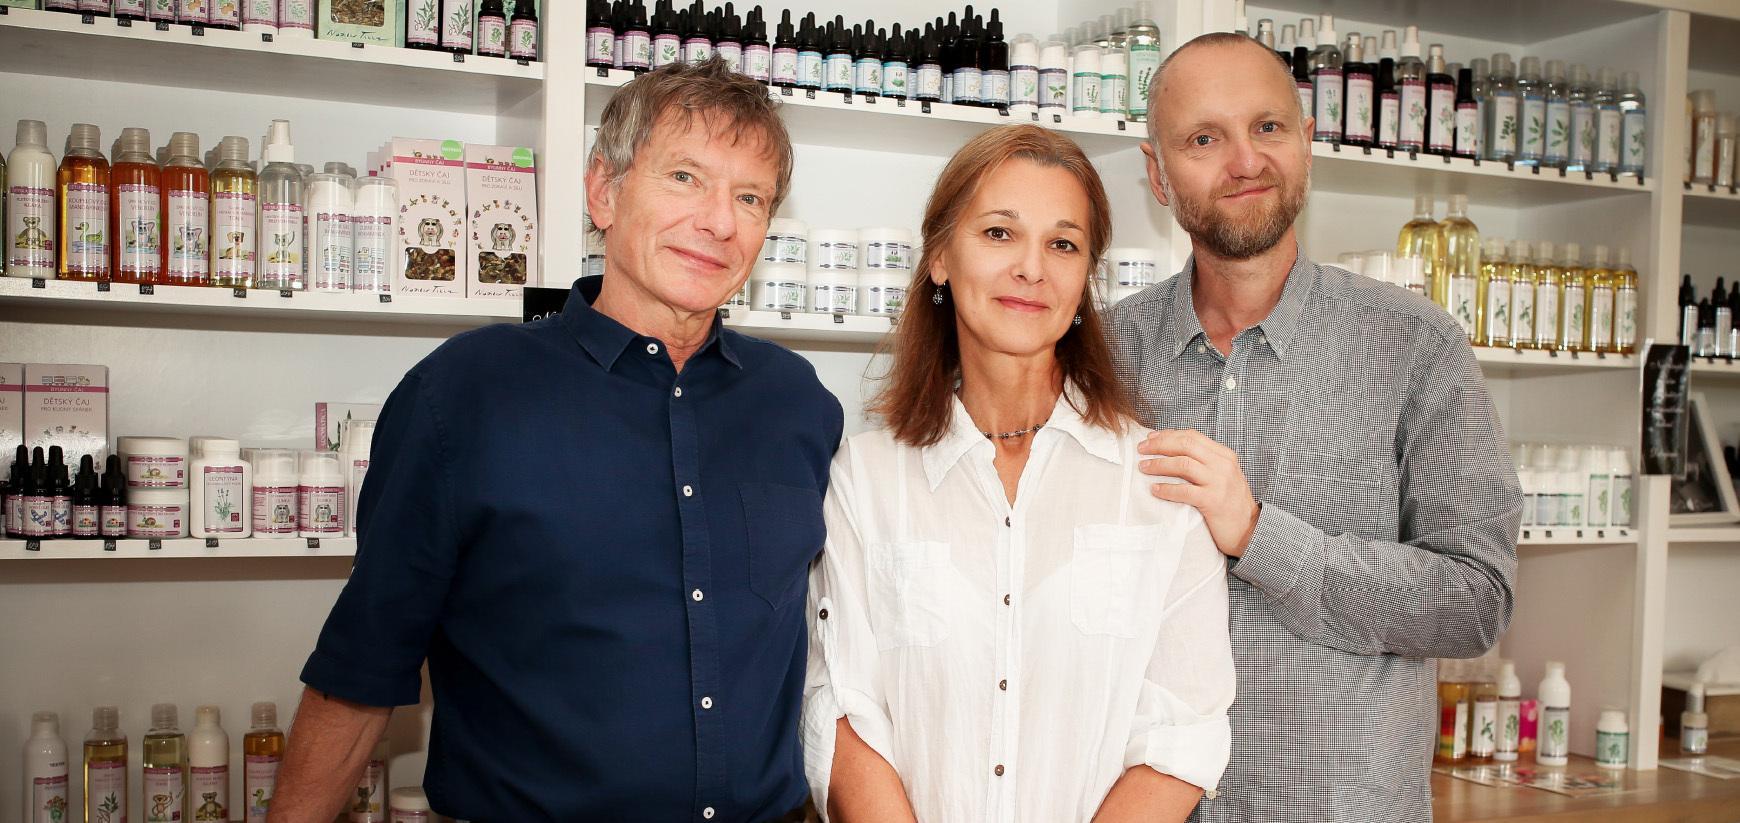 Sen o smysluplném místě pro práci i život - přírodní kosmetika Nobilis Tilia